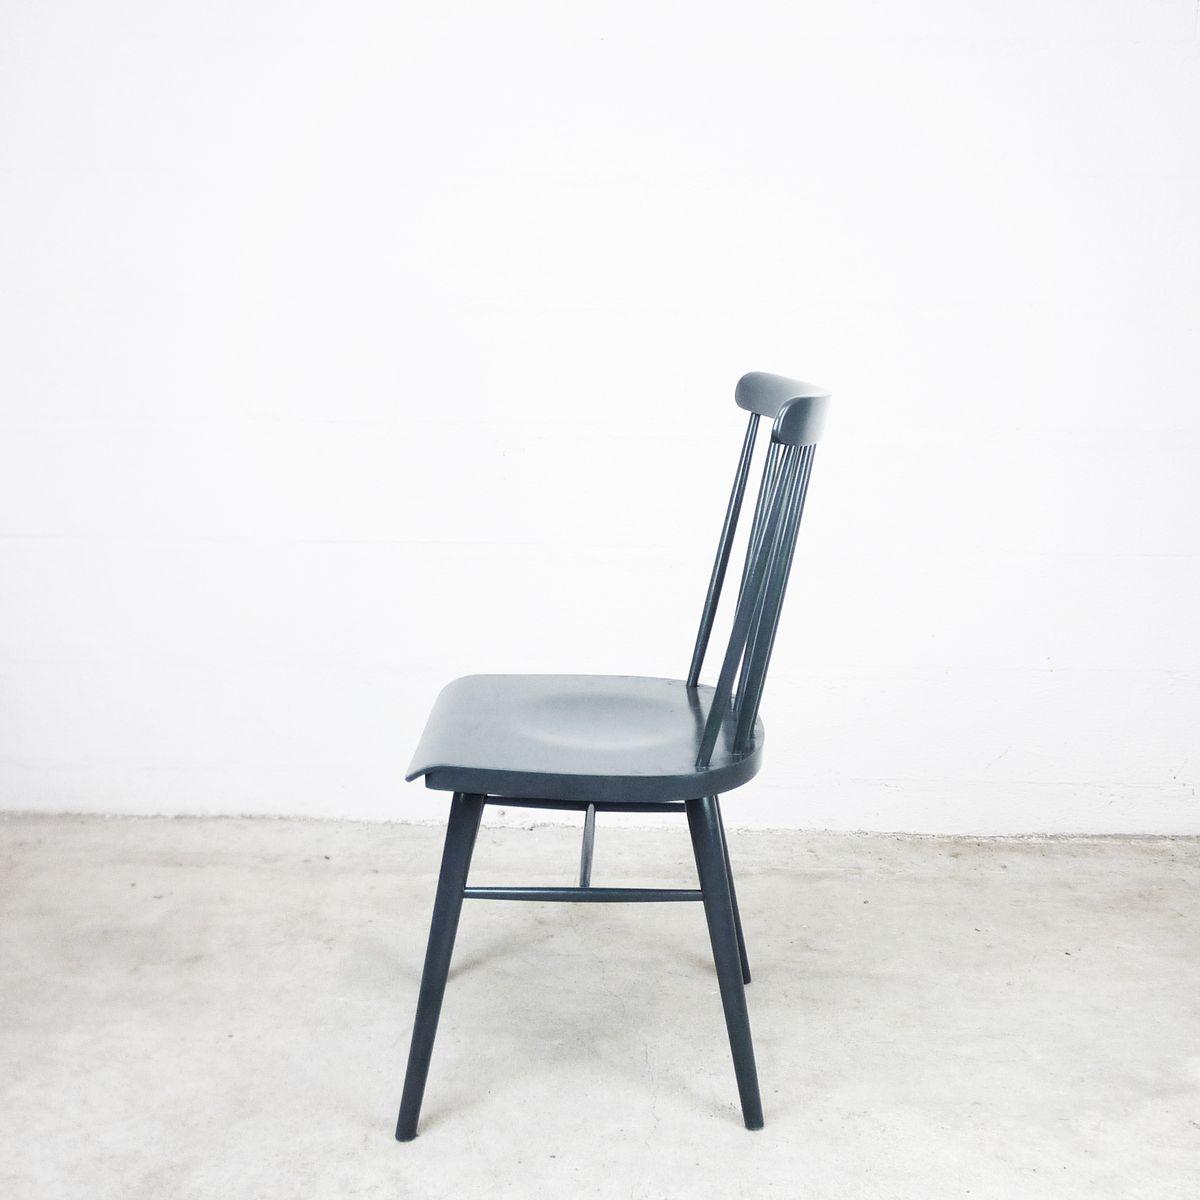 vintage pinnstolar st hle in anthrazit 3er set bei pamono. Black Bedroom Furniture Sets. Home Design Ideas